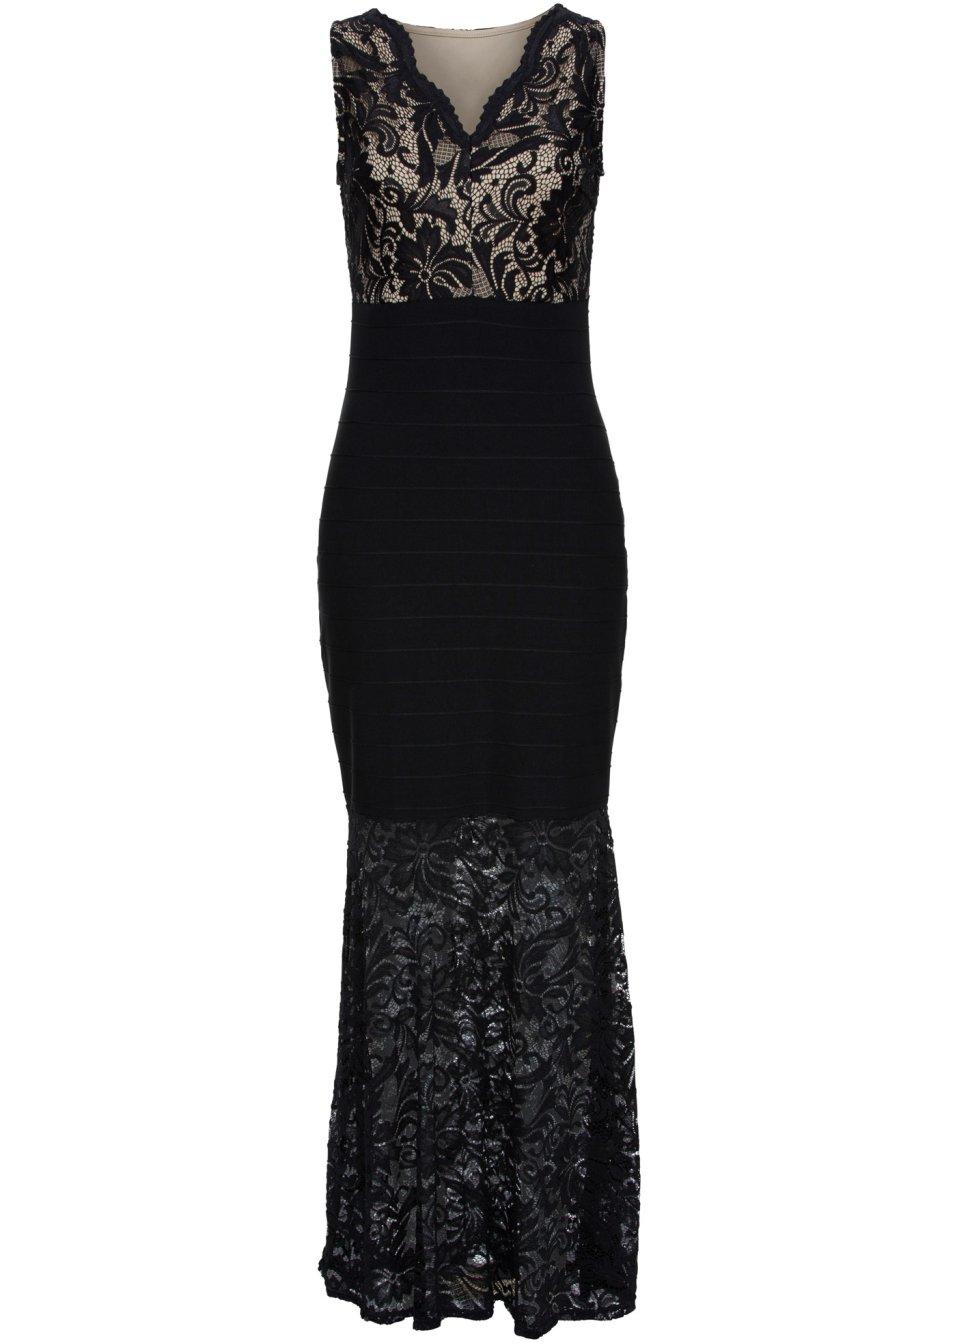 Abendkleid mit Spitze ohne Ärmel in schwarz von bonprix BODYFLIRT ...